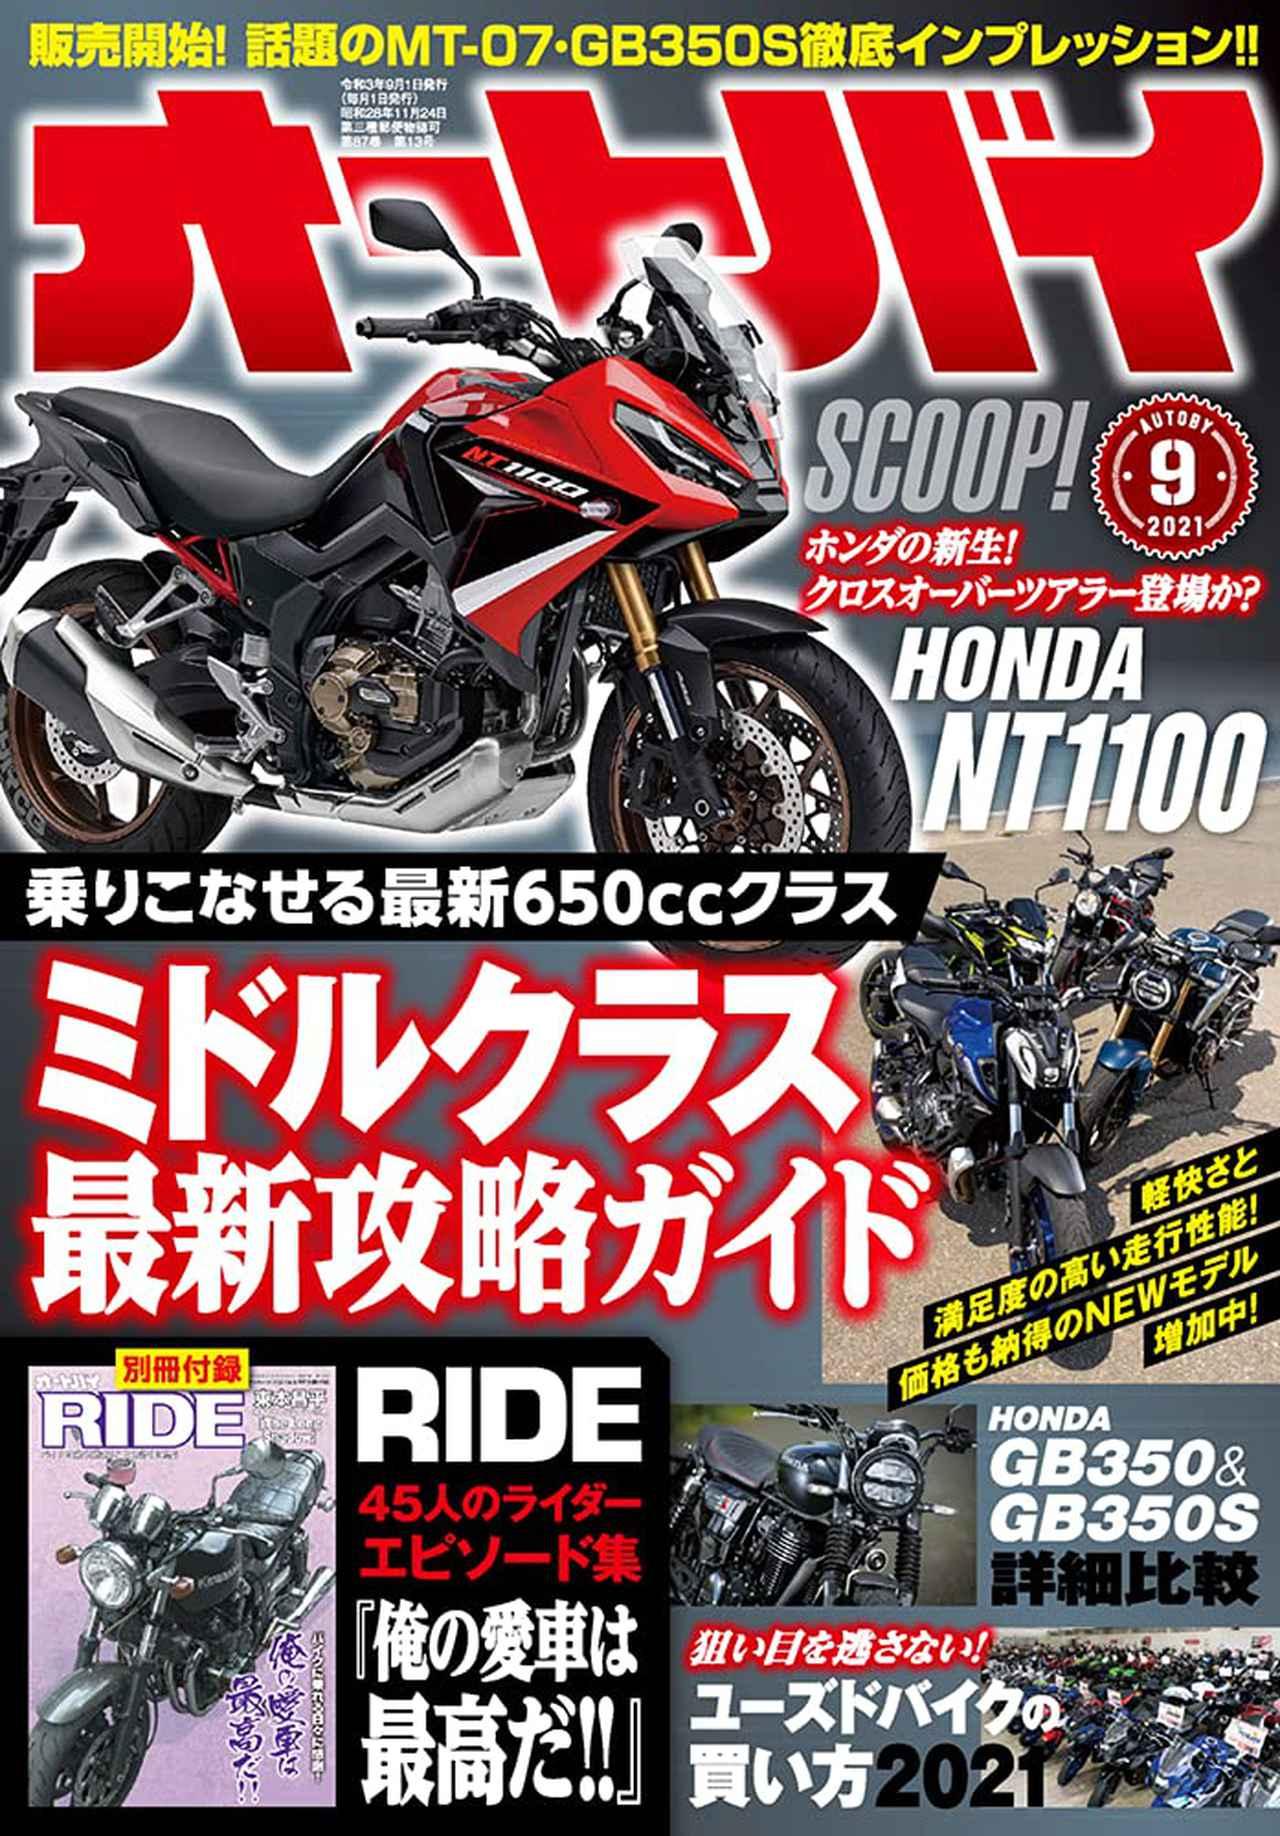 画像2: 月刊『オートバイ』最新9月号は2021年7月30日発売! ナイスミドル650cc特集|別冊付録「RIDE」は読者の愛車自慢をたっぷり掲載